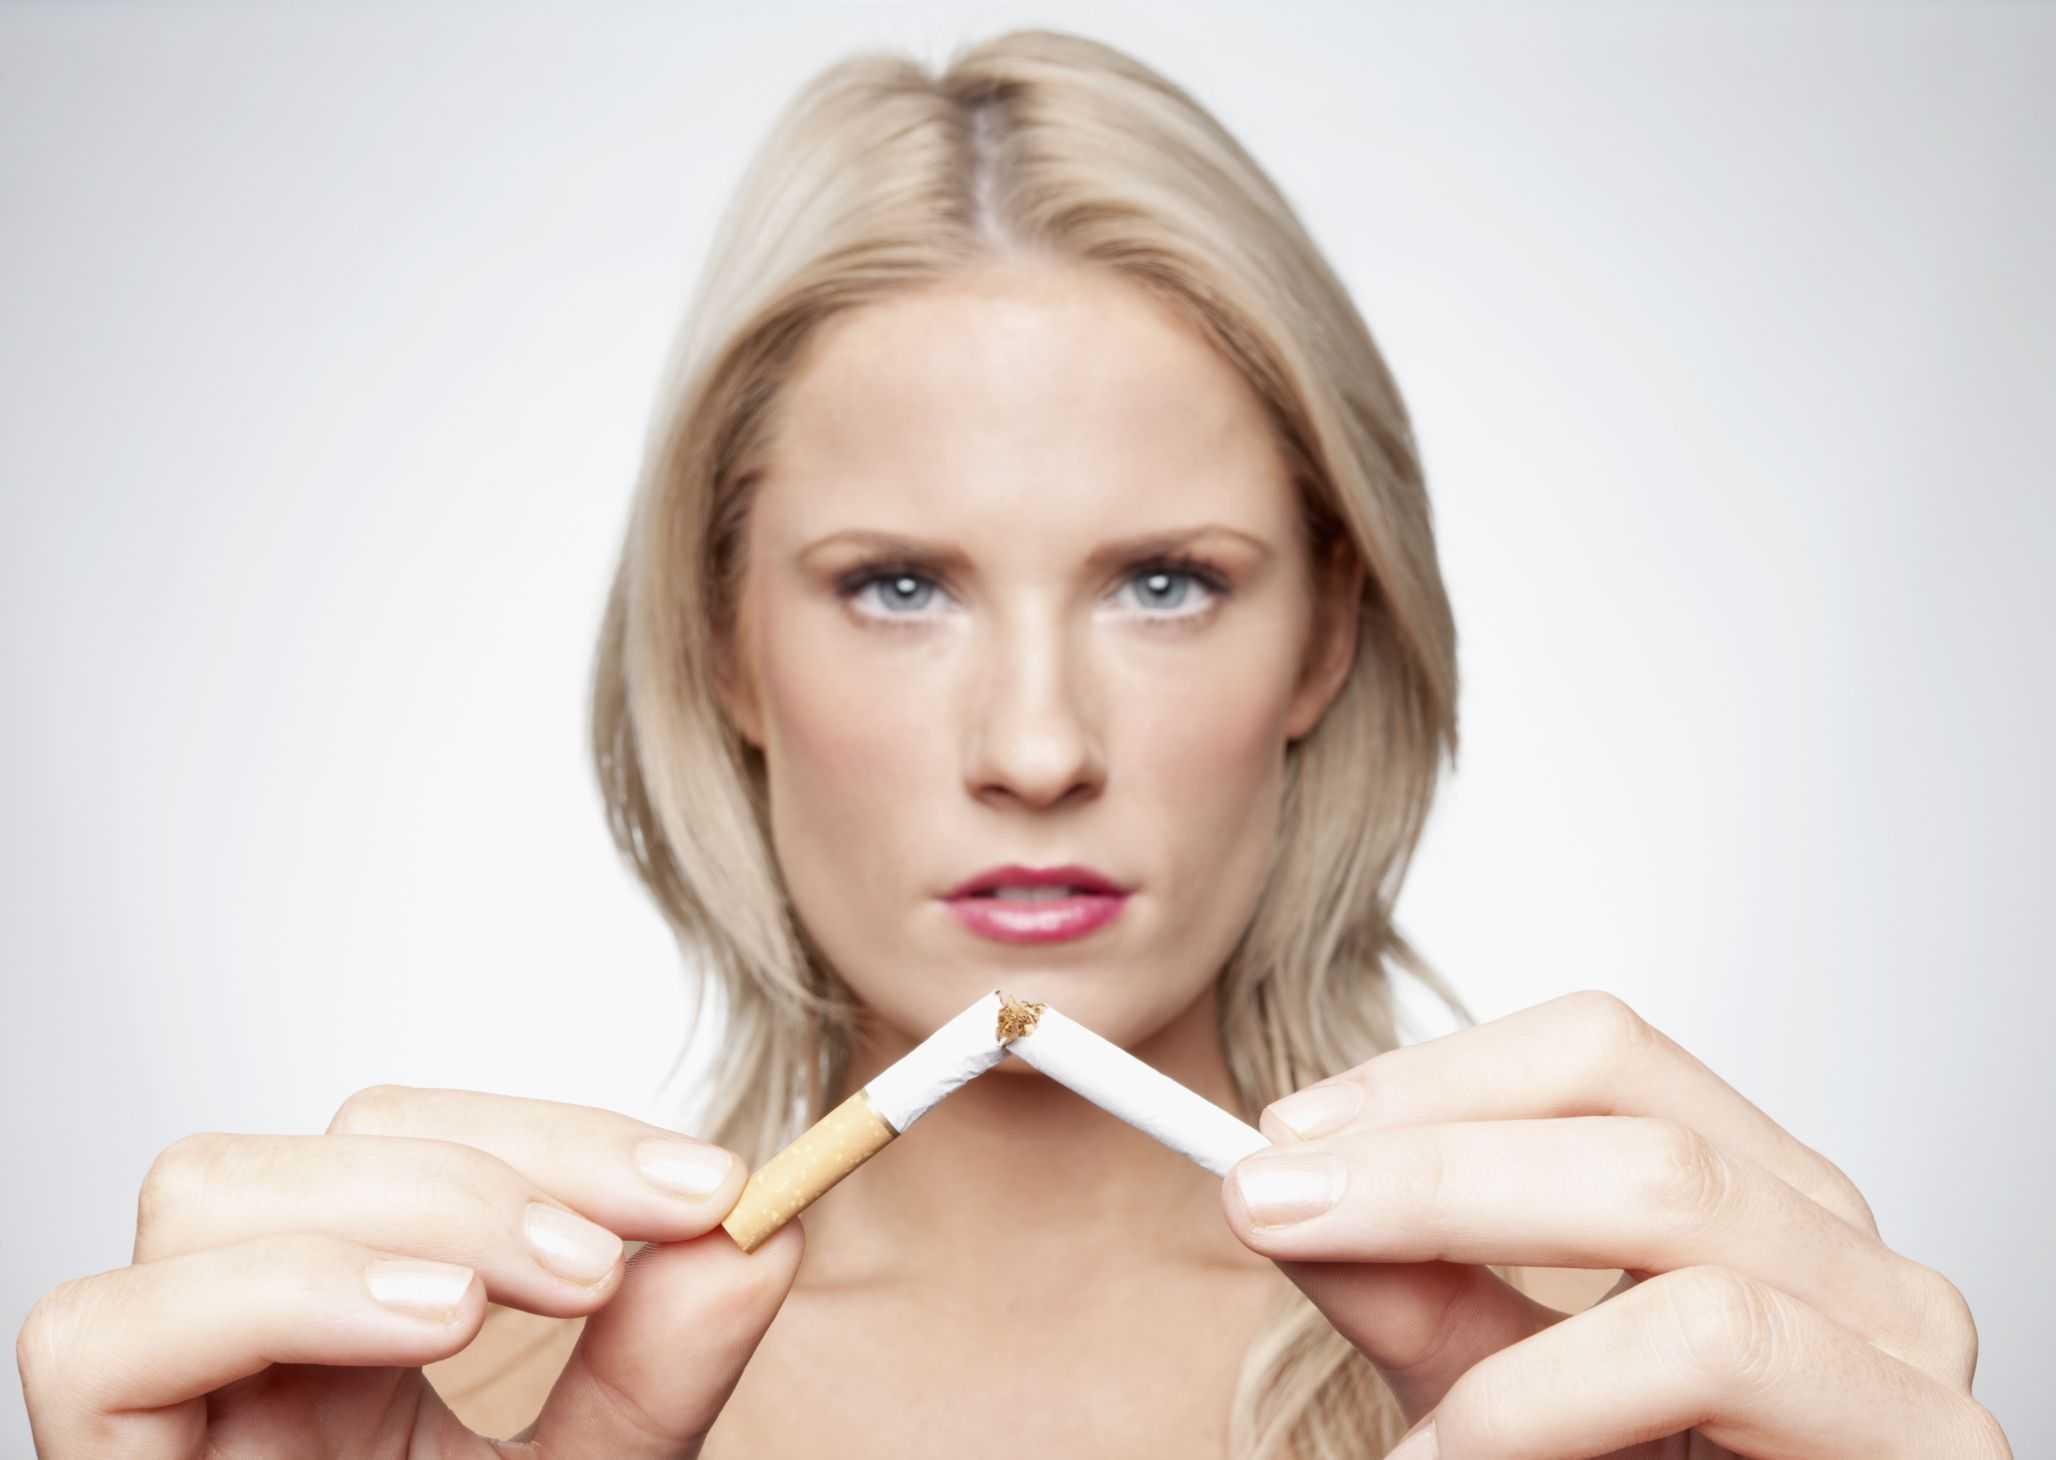 противозачаточное кольцо противопоказано курящим женщинам